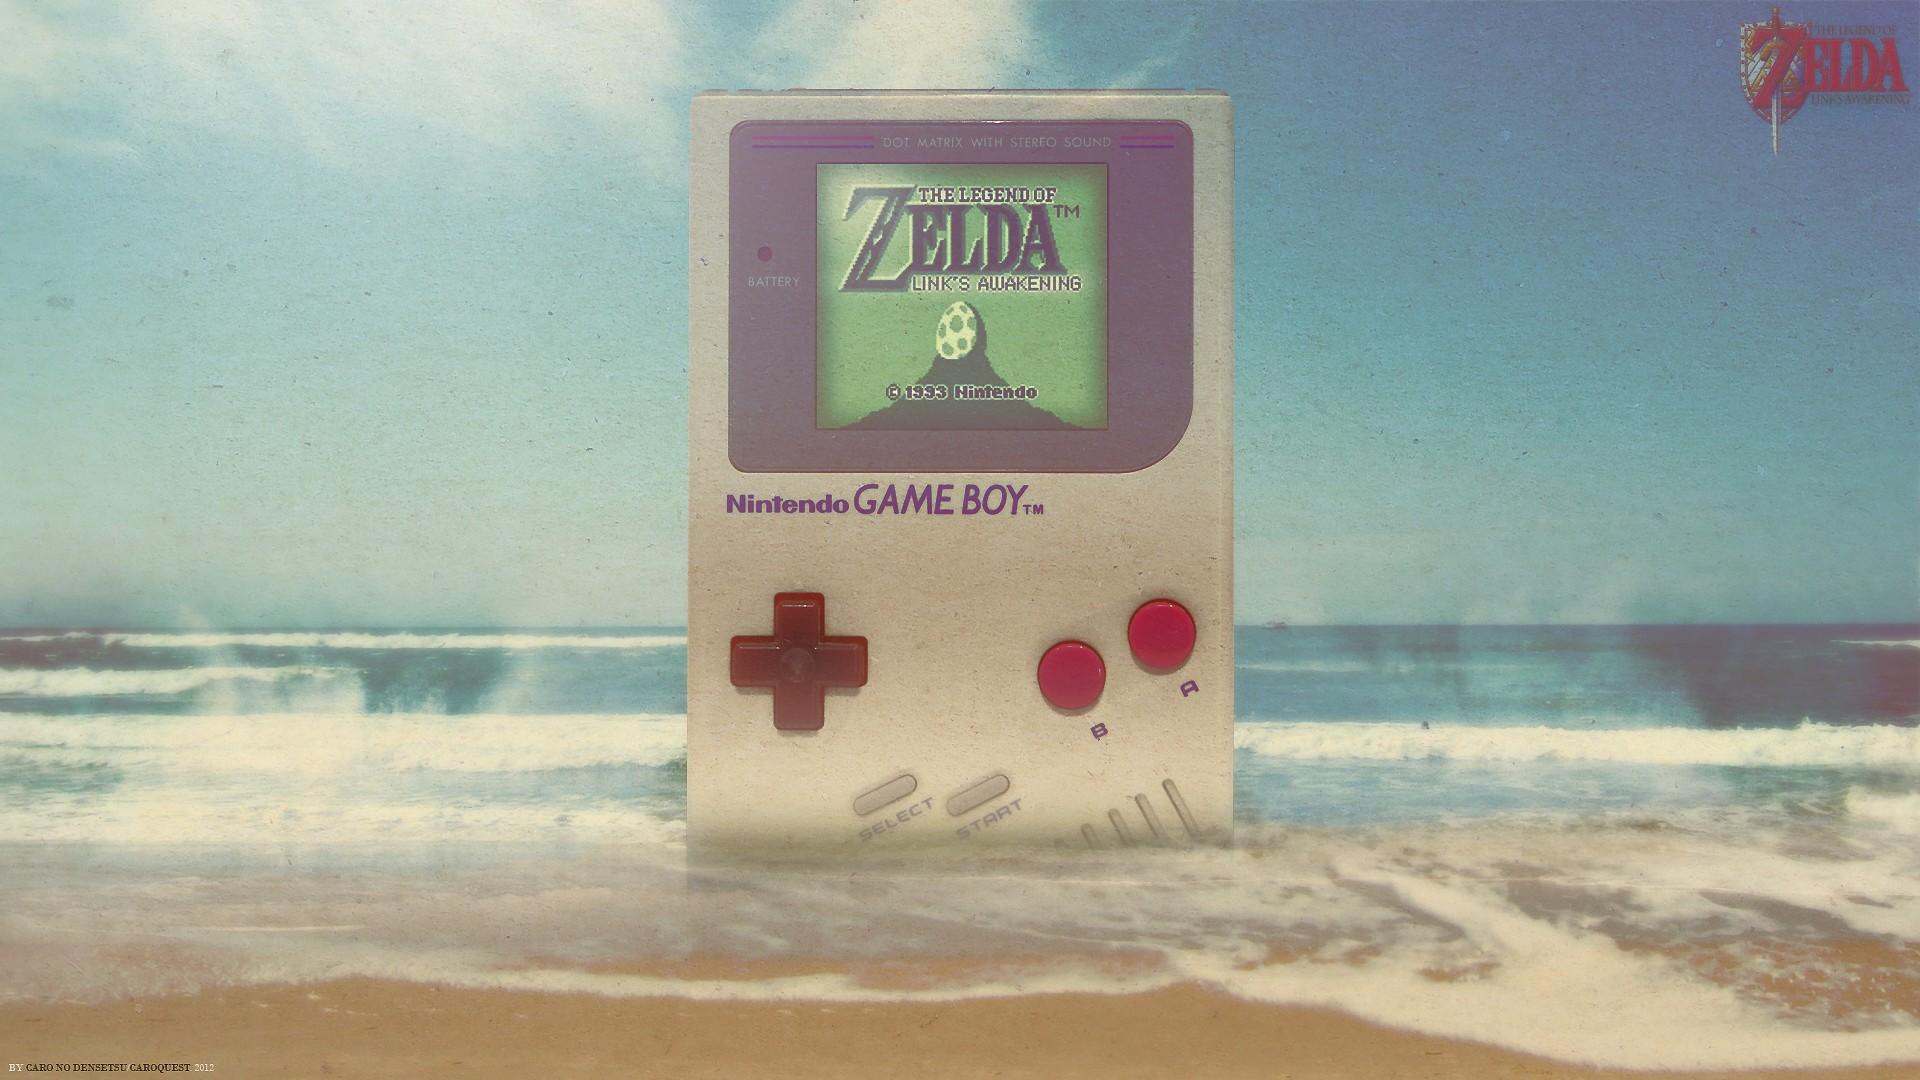 Gameboy The Legend Of Zelda The Legend Of Zelda Links Awakening Wallpaper Resolution 1920x1080 Id 121730 Wallha Com